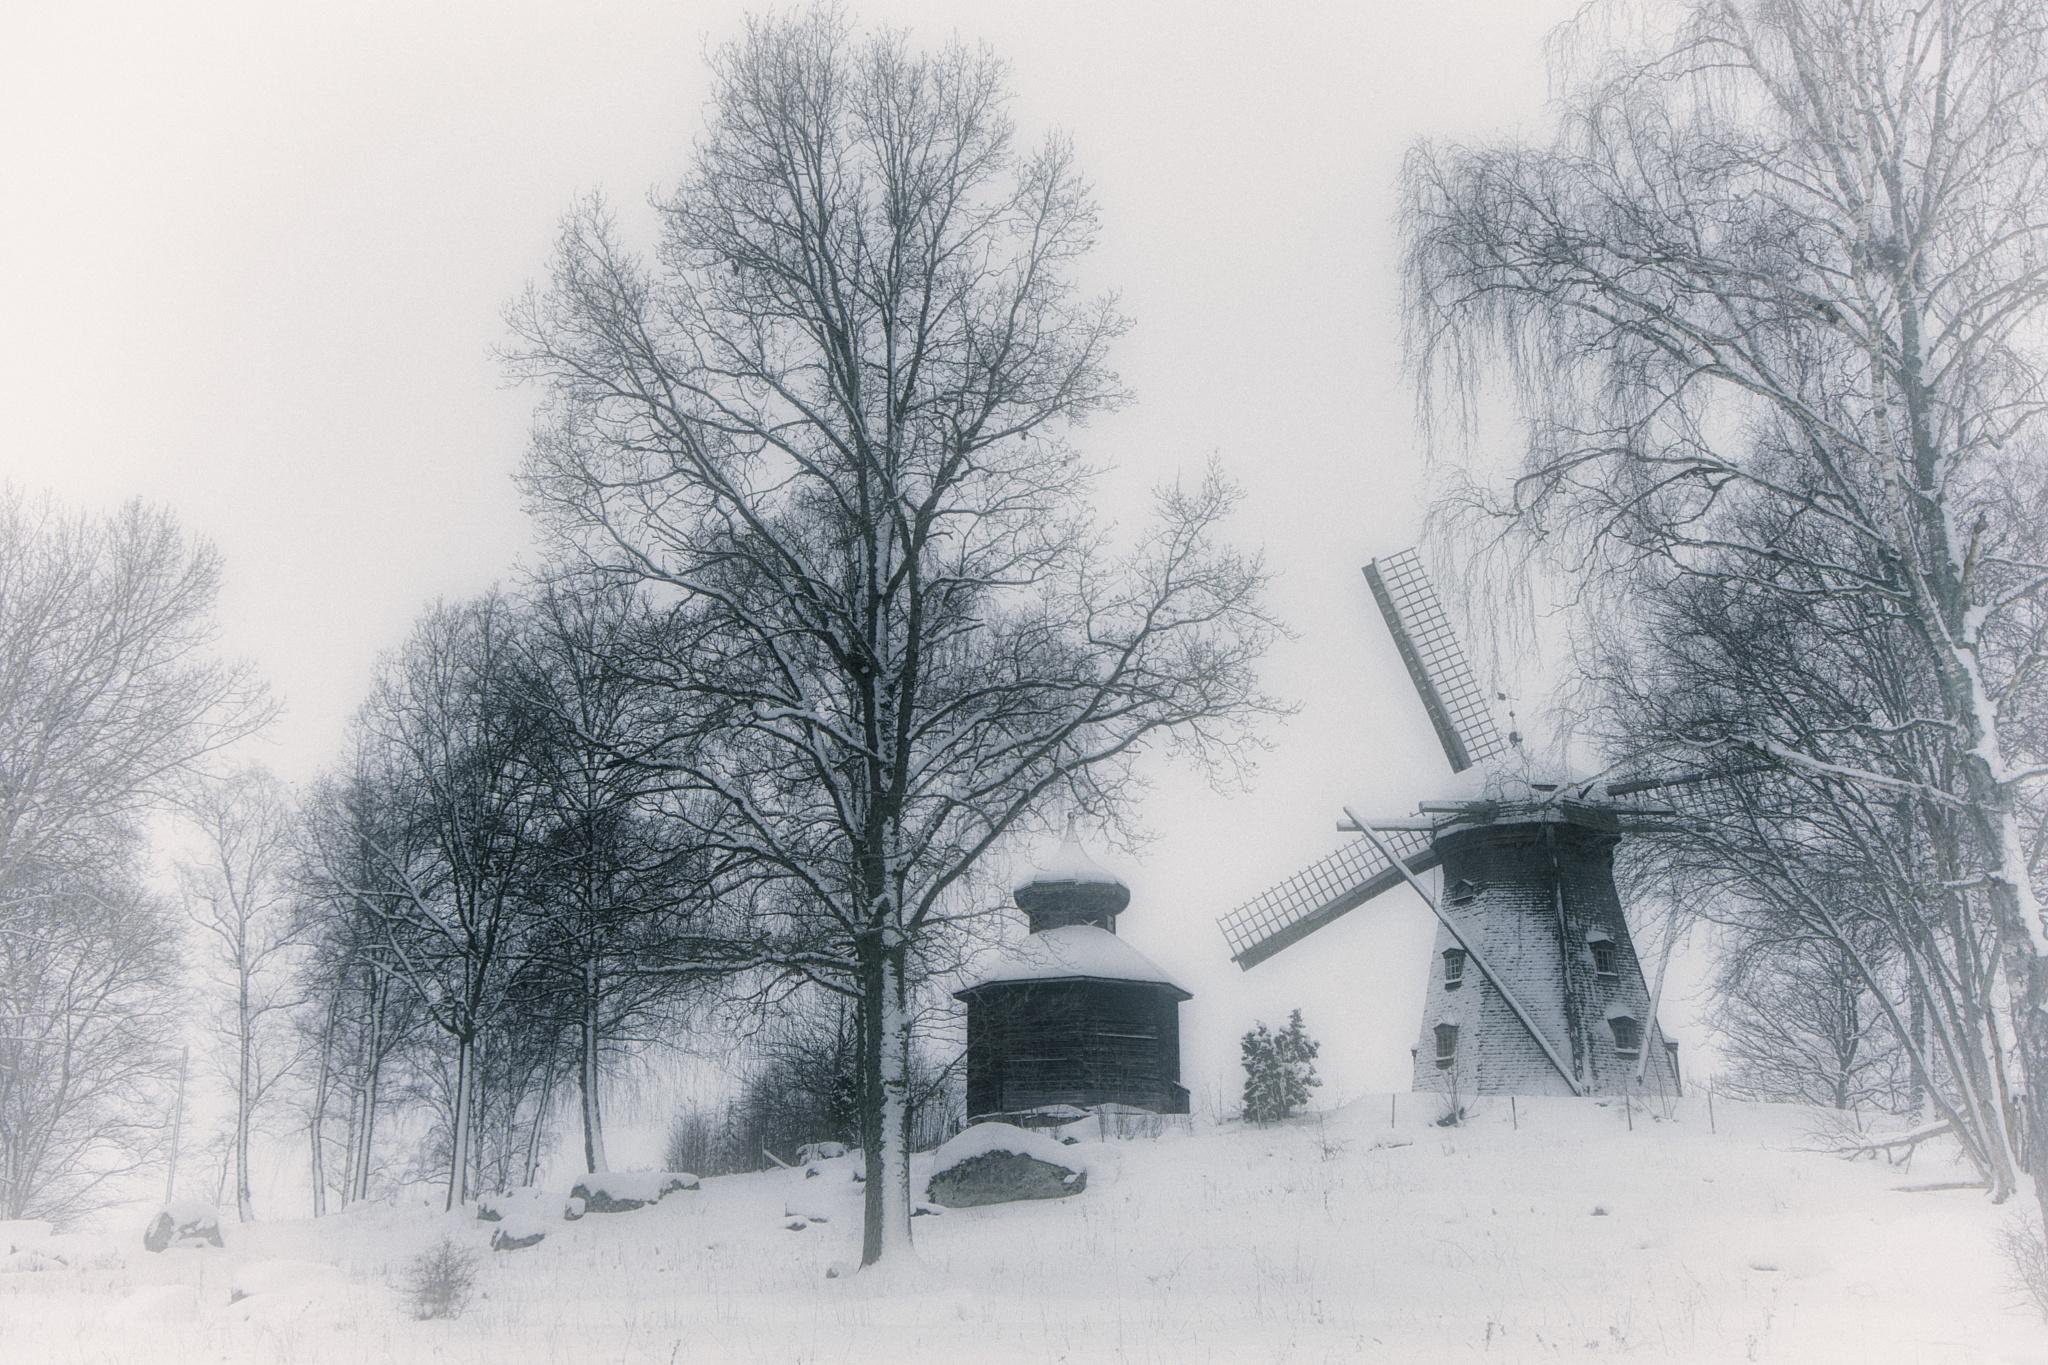 A misty winterday by Lars-Ove Törnebohm